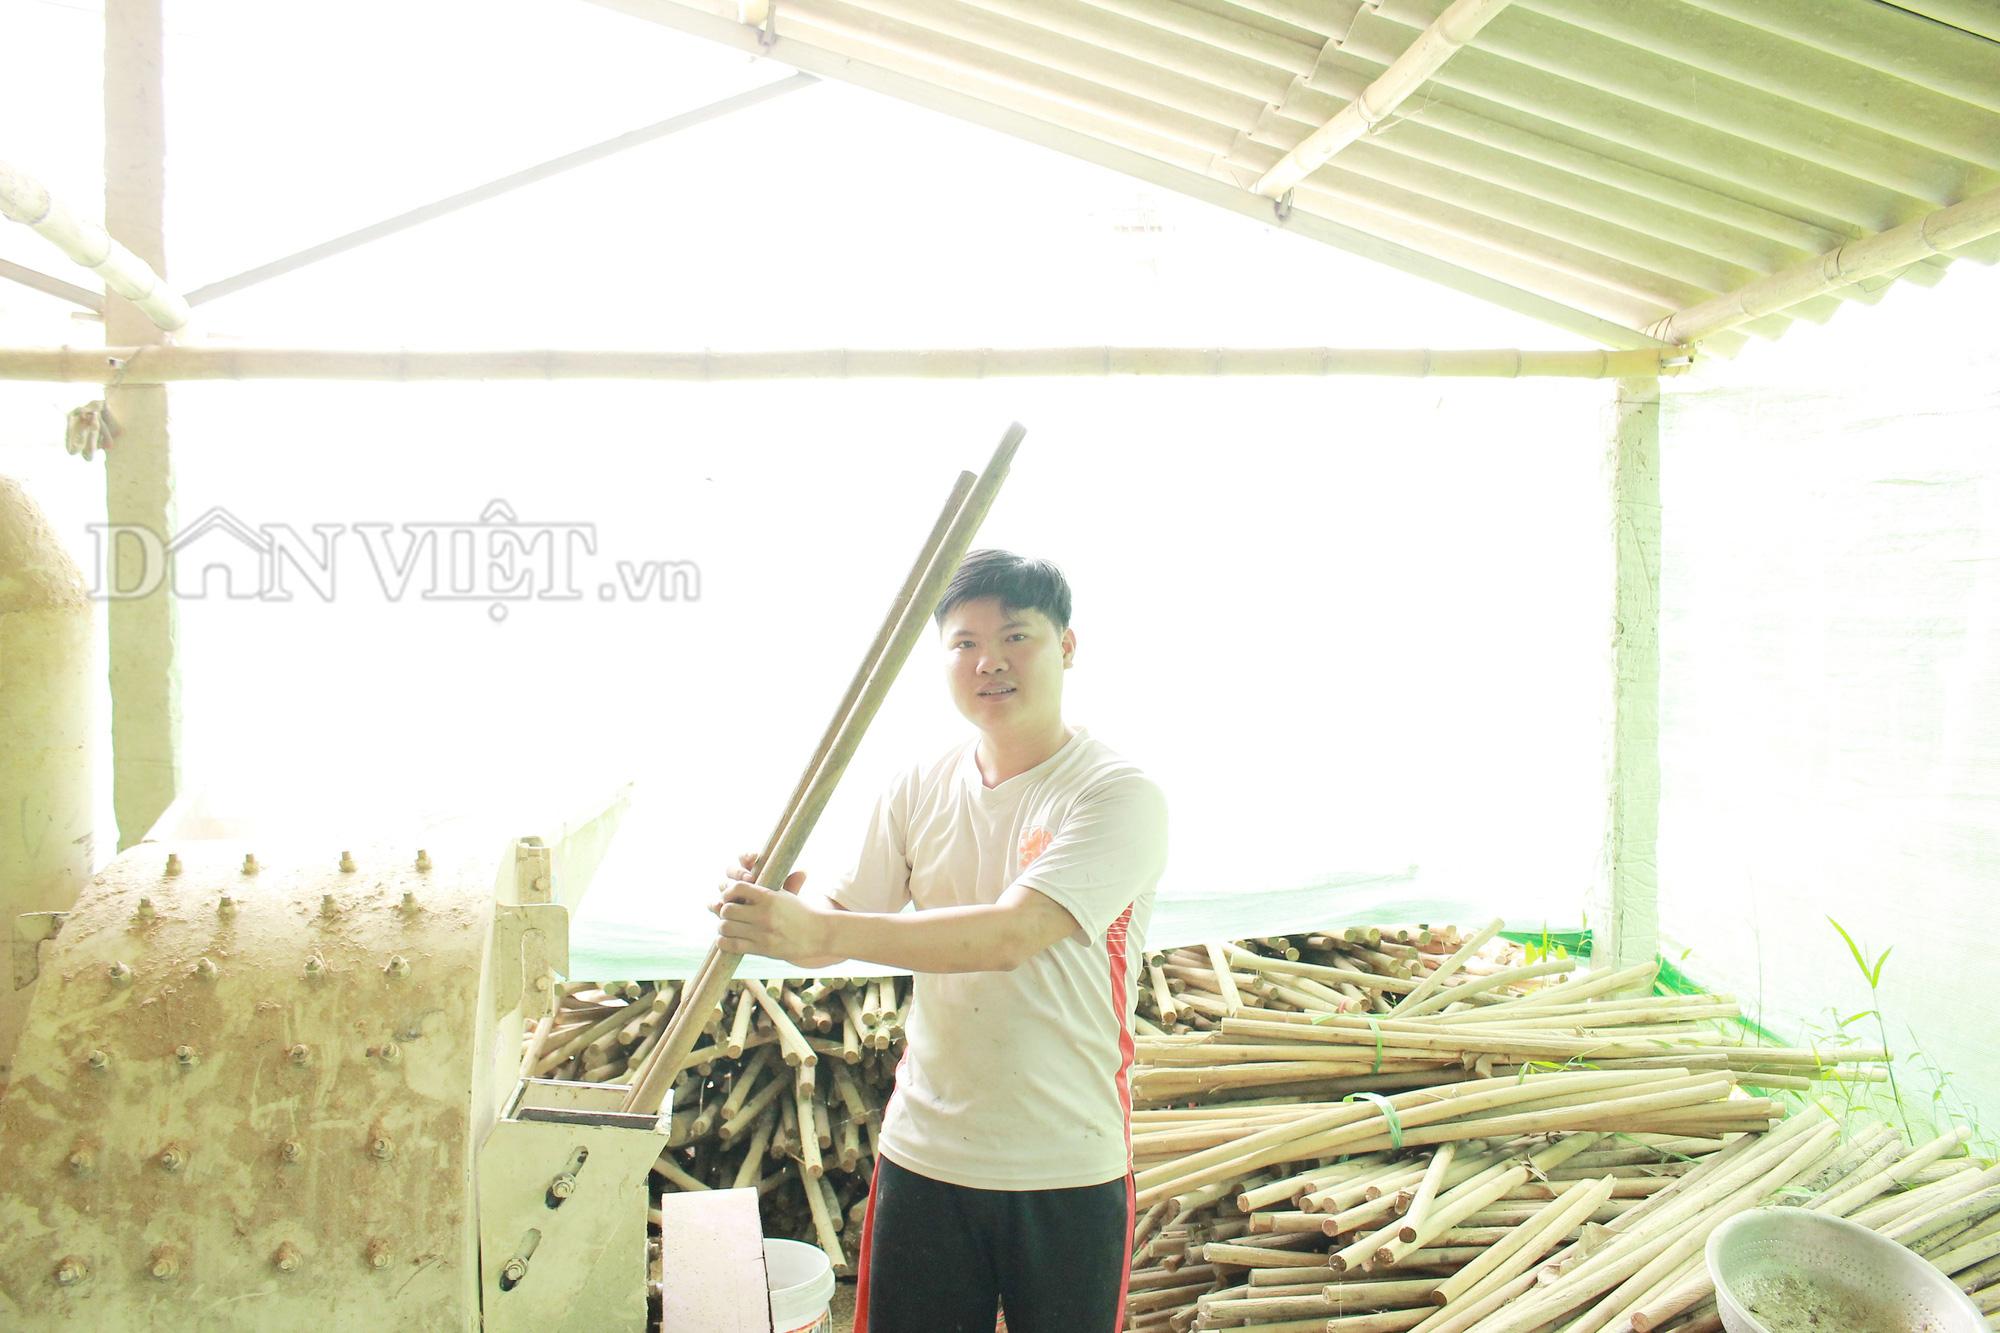 Hà Tĩnh: Chàng trai mồ côi đổi đời nhờ trồng nấm - Ảnh 2.